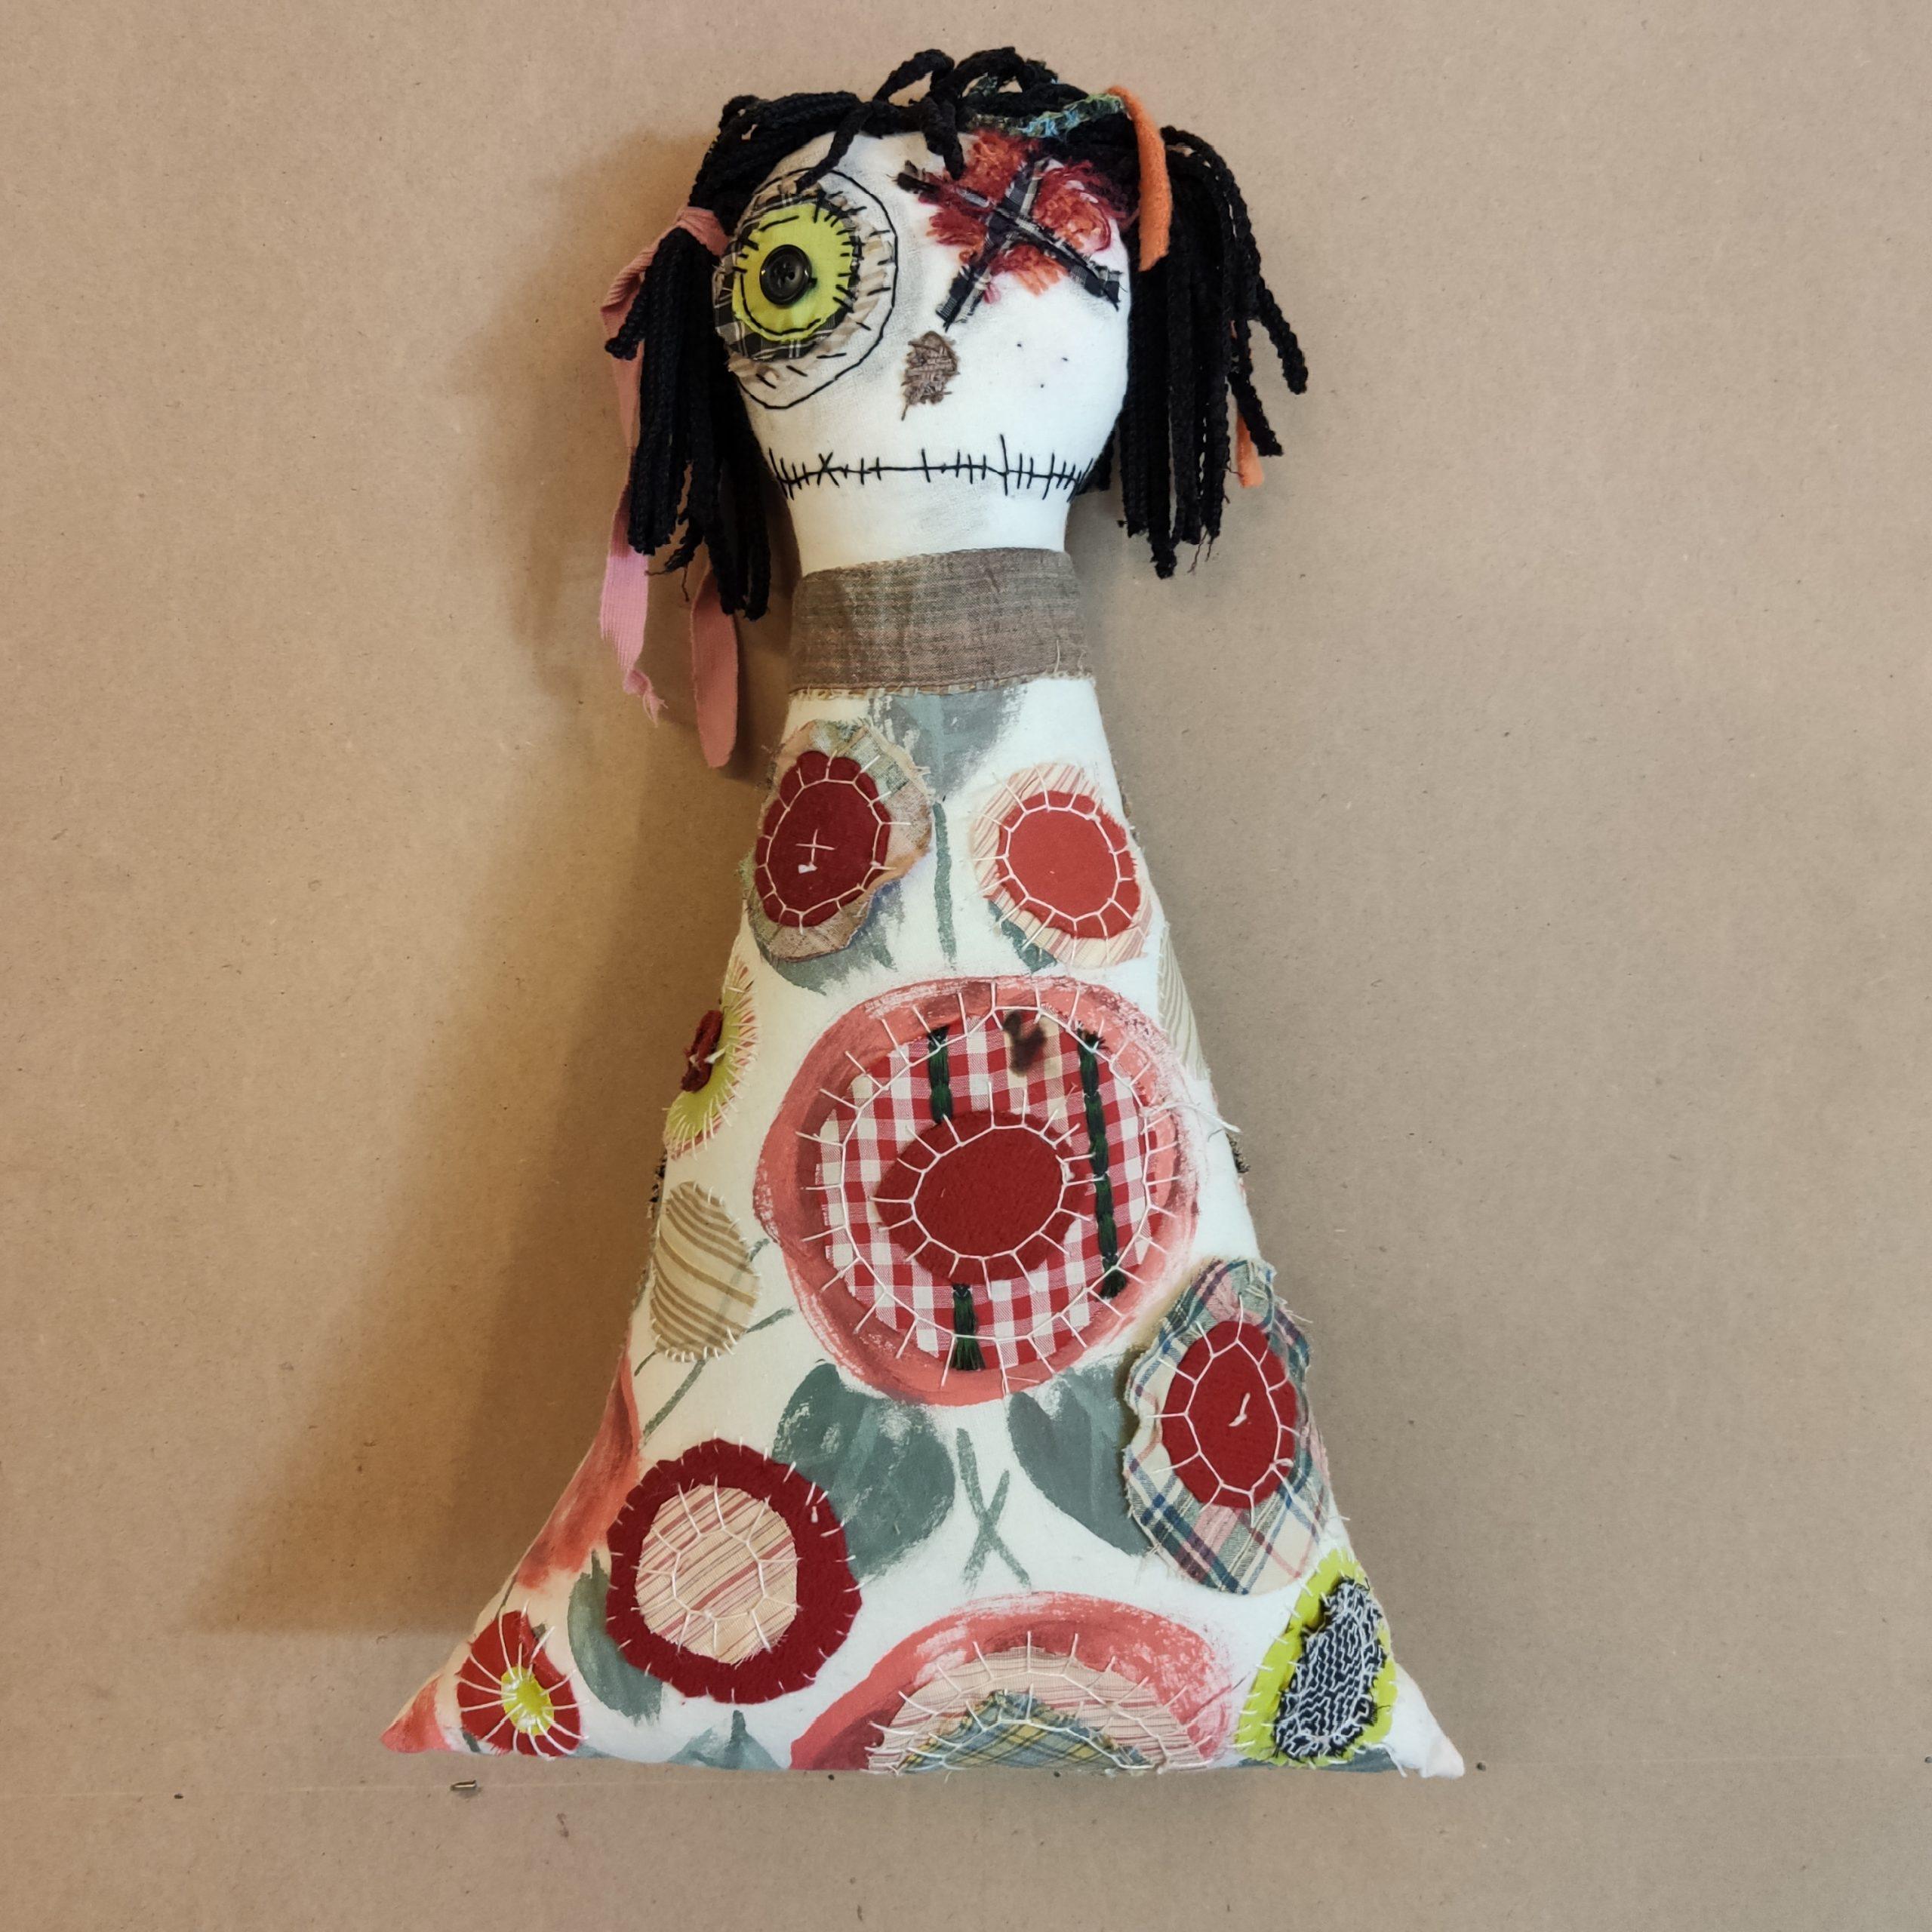 Υφασμάτινη κούκλα-μαξιλάρι – Fabric pillow doll